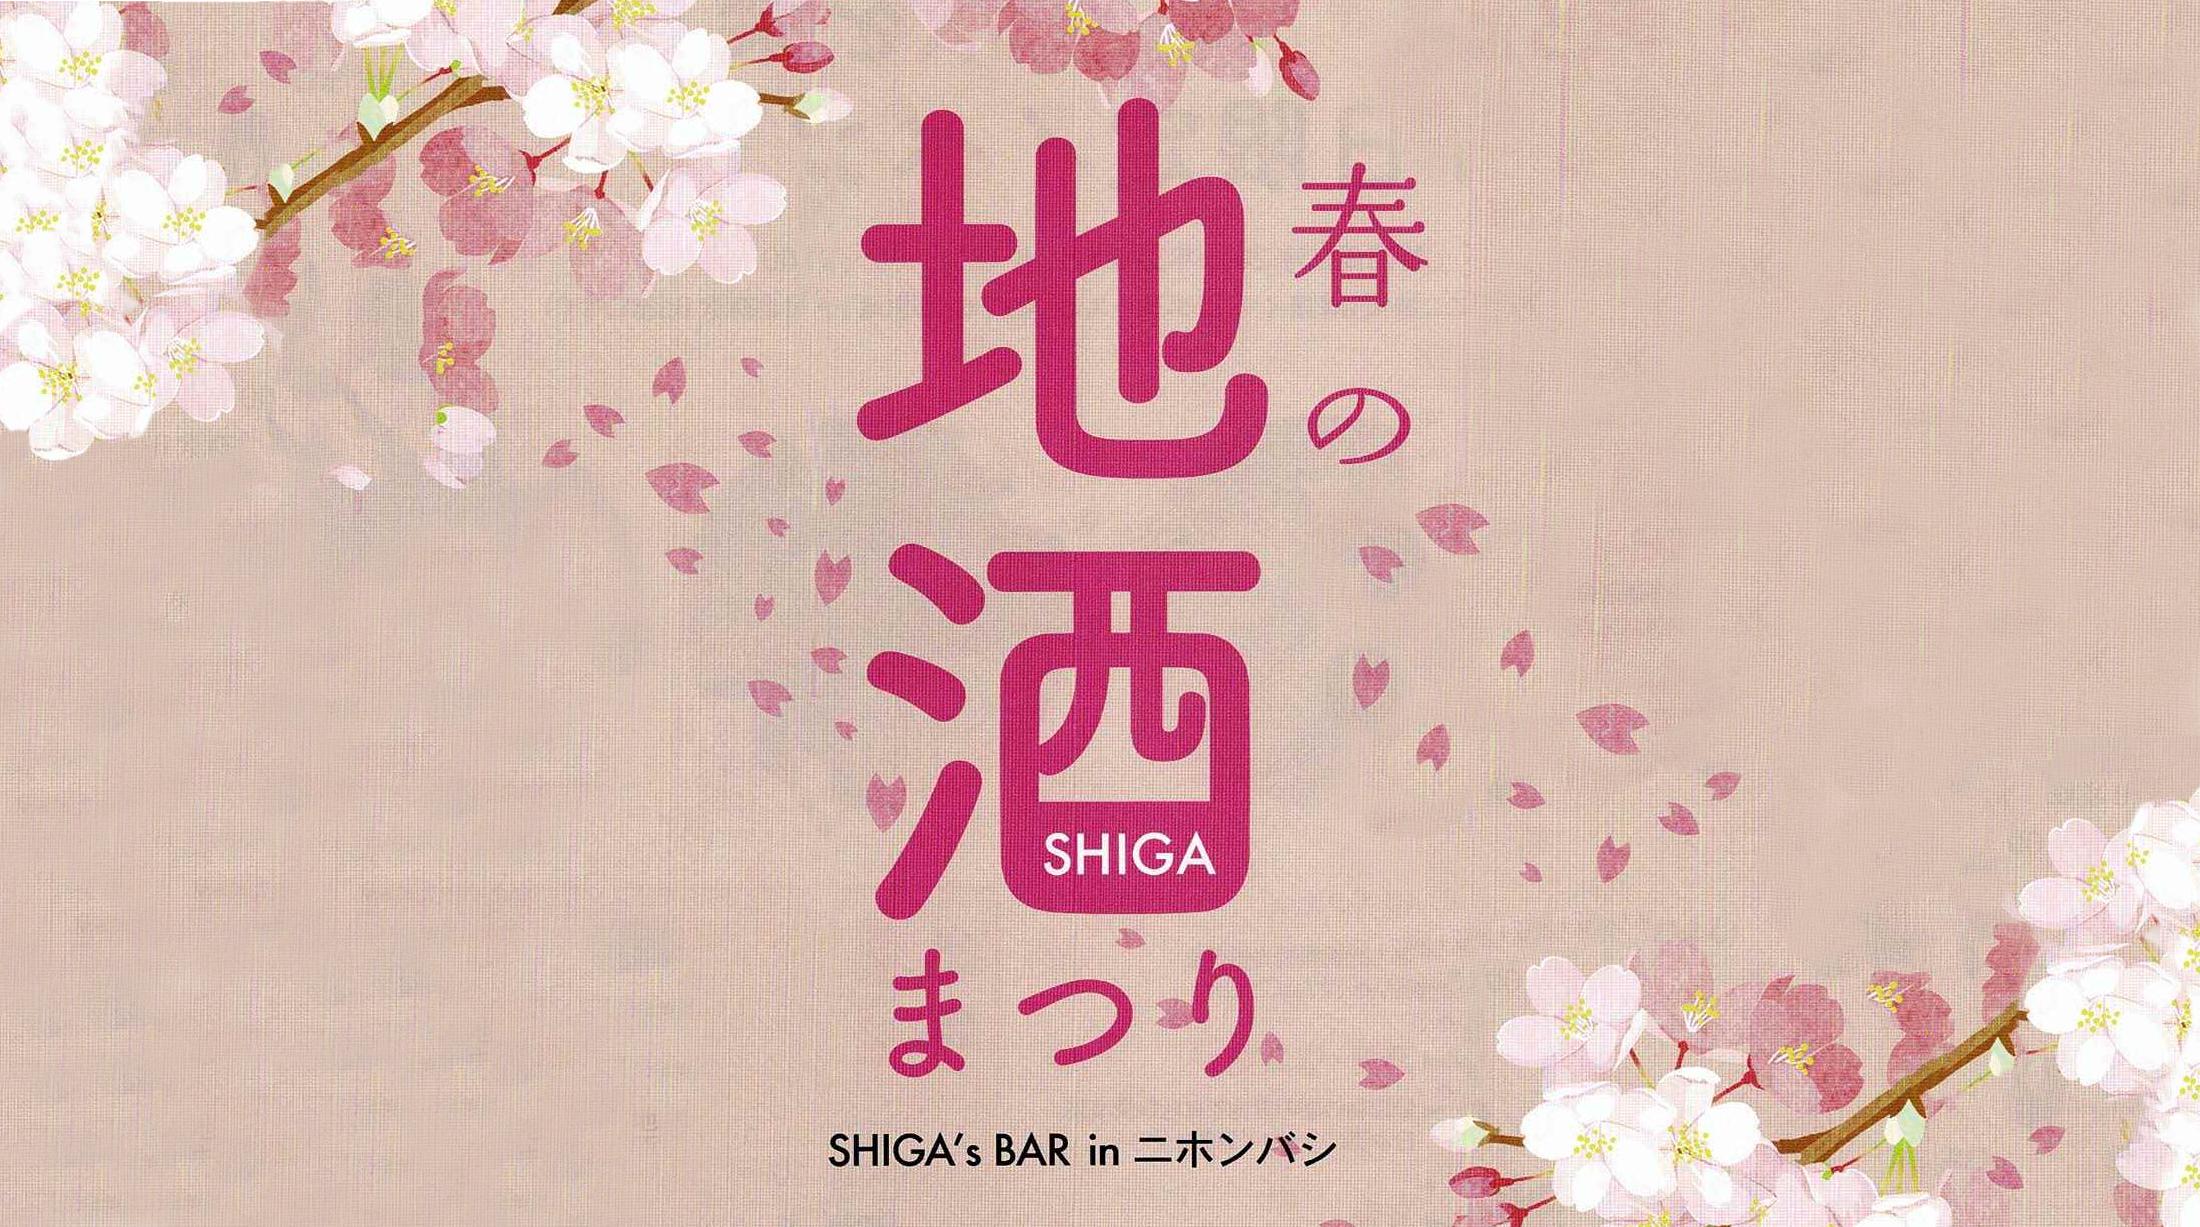 春の地酒まつり「SHIGA'sBAR in ニホンバシ」